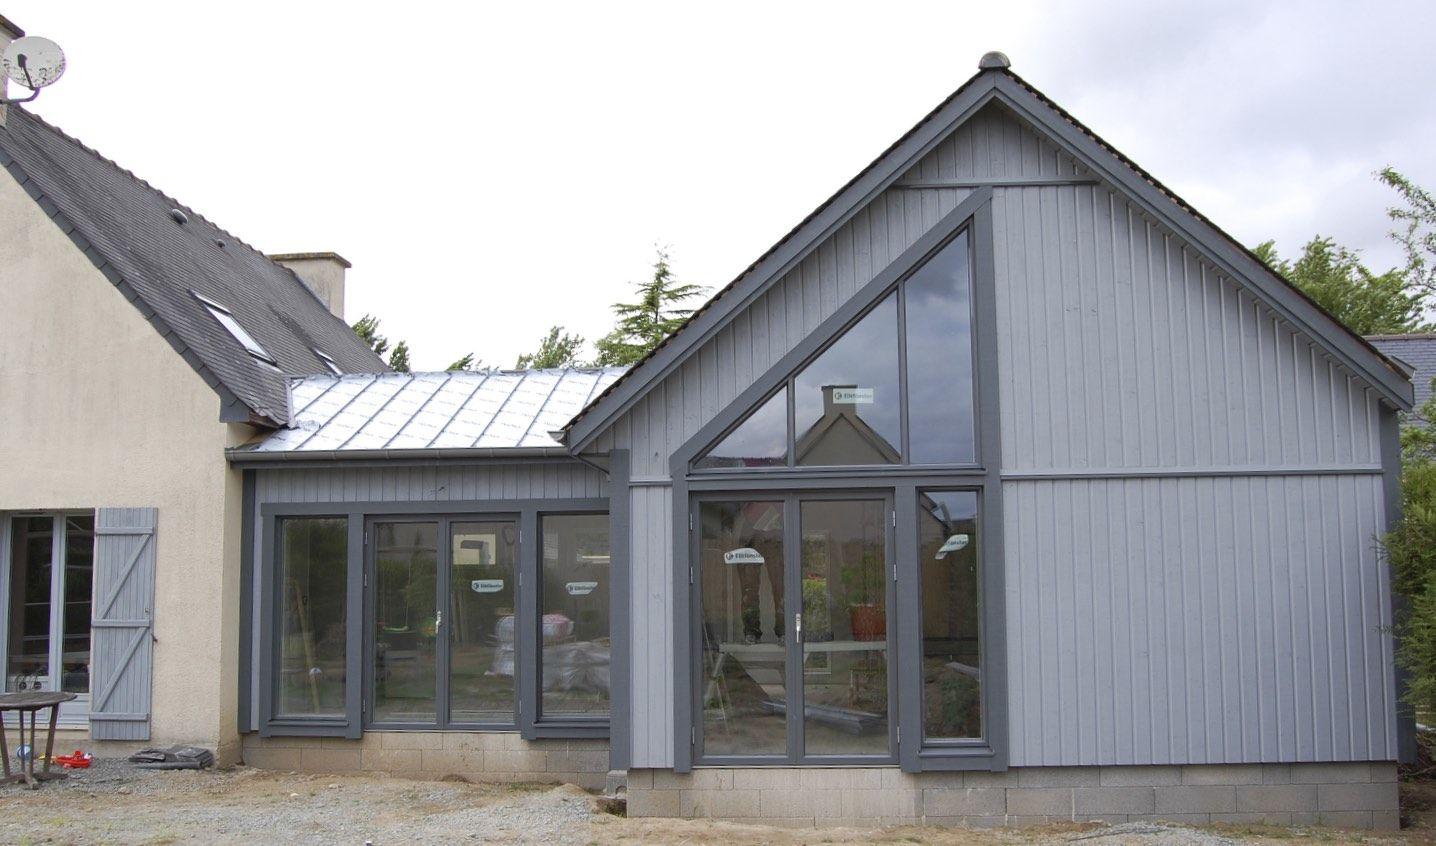 extension tr s bien isol e en ossature bois 48 m2 par hemma construction astuces maison. Black Bedroom Furniture Sets. Home Design Ideas